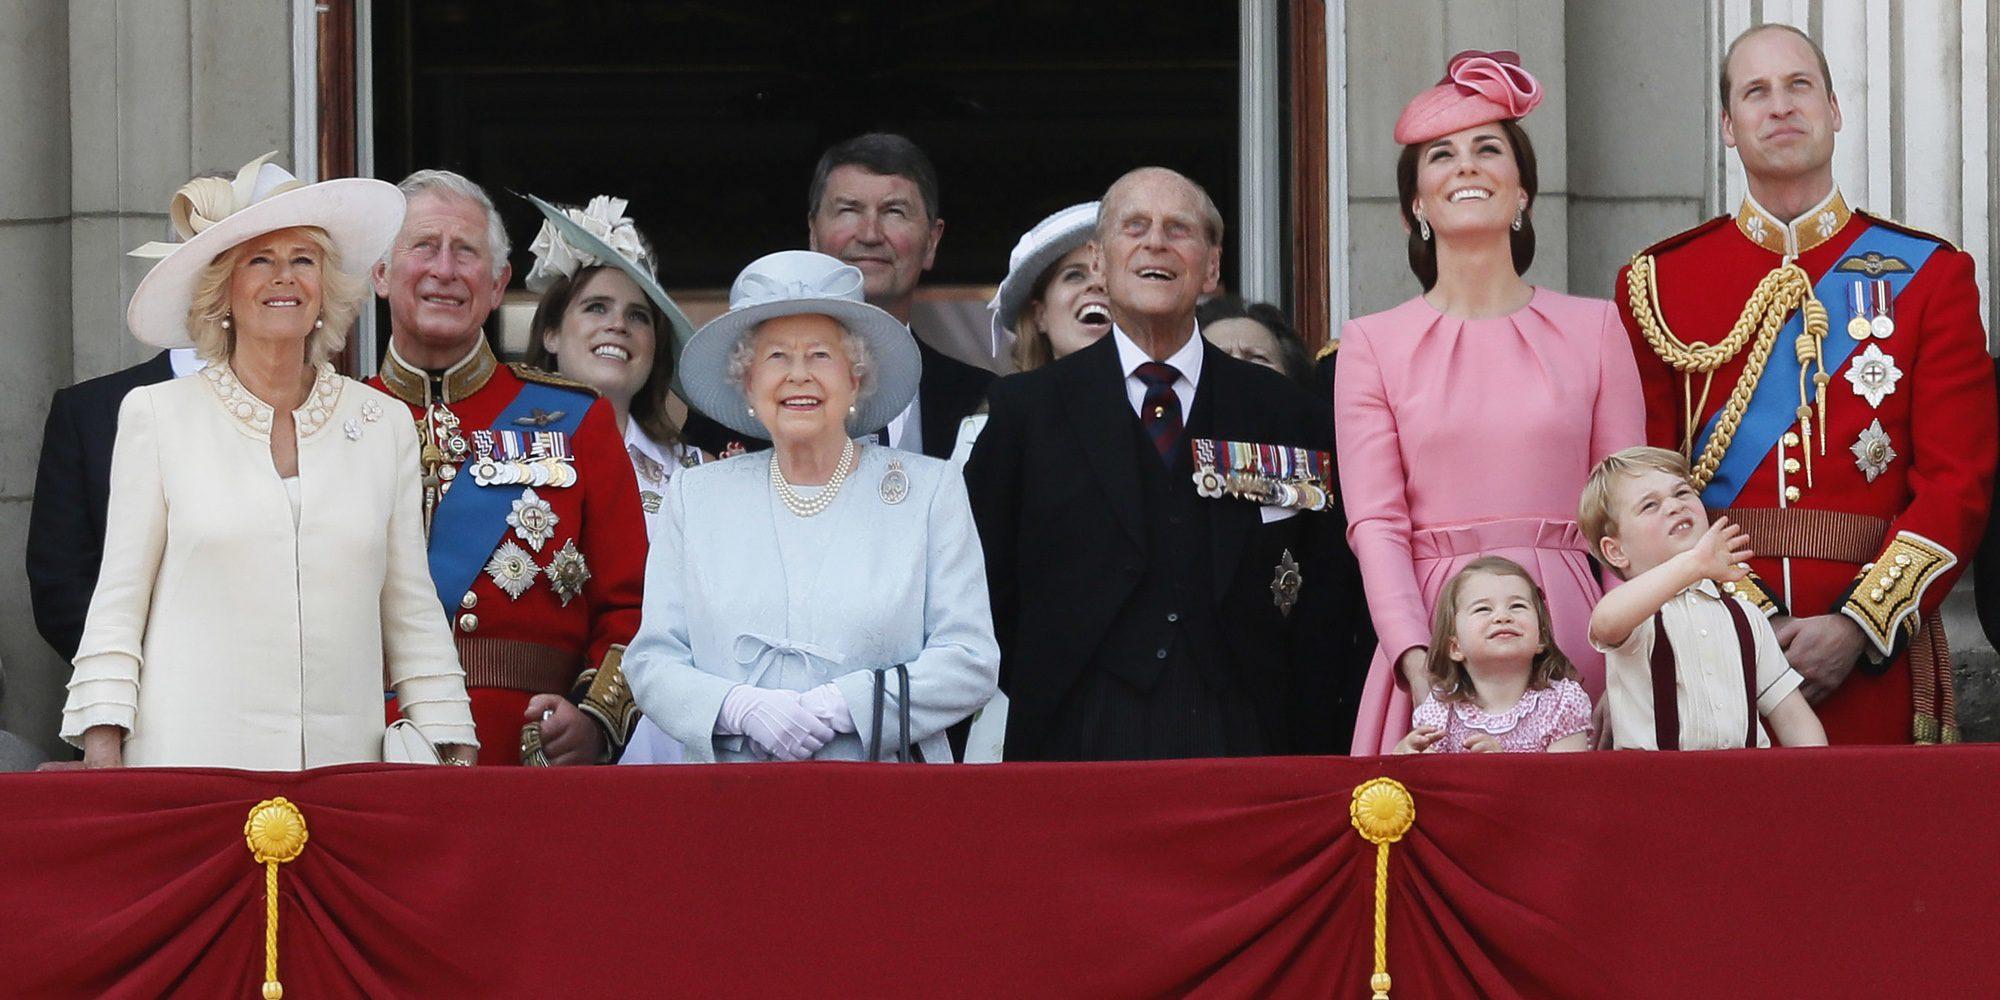 El Príncipe Jorge y la Princesa Carlota, protagonistas de la Trooping The Colour